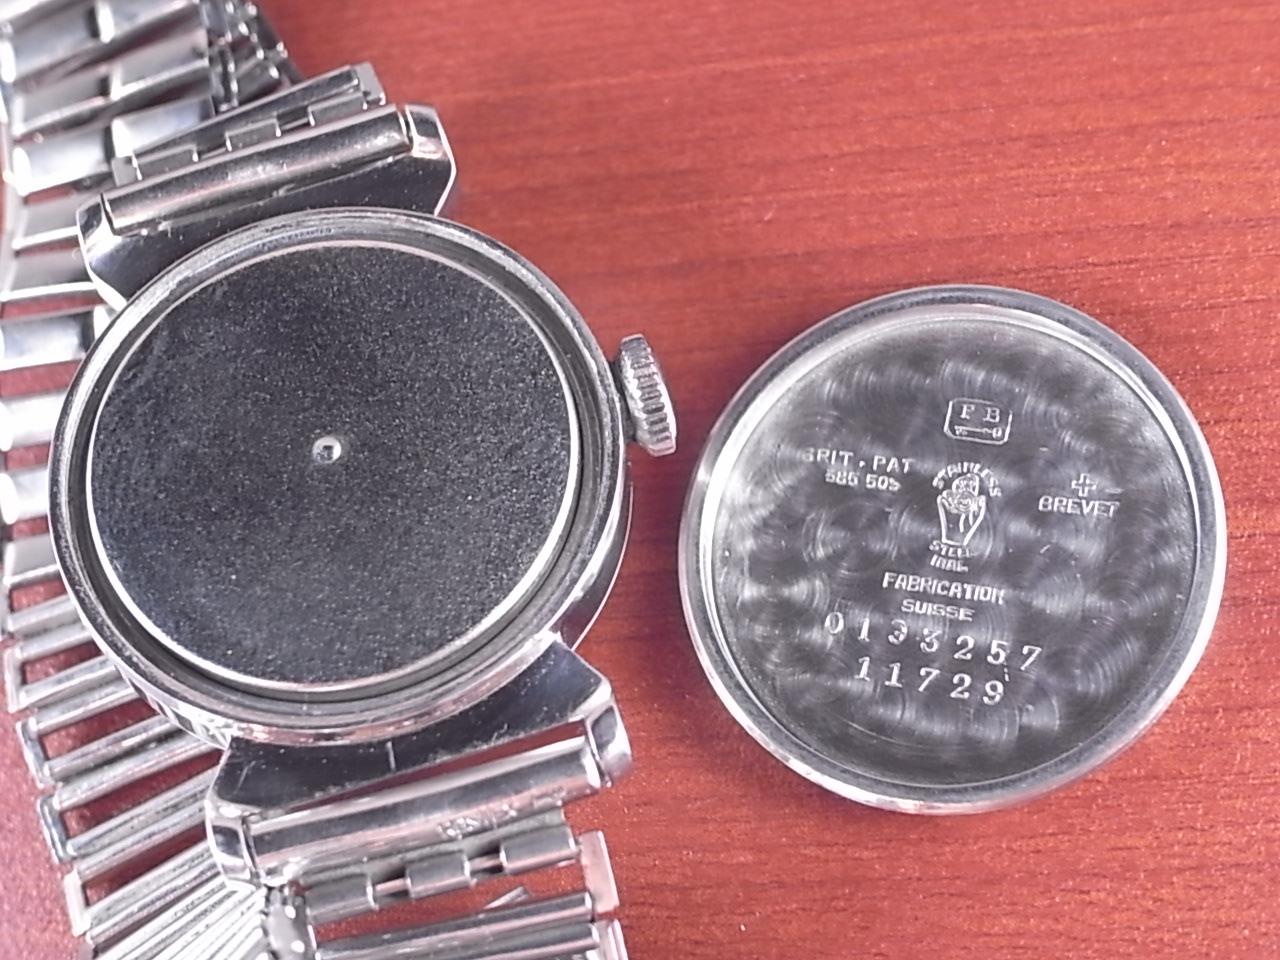 モバード アクバティック ブレゲセクター クロノメーター FBケース 1930年代の写真6枚目